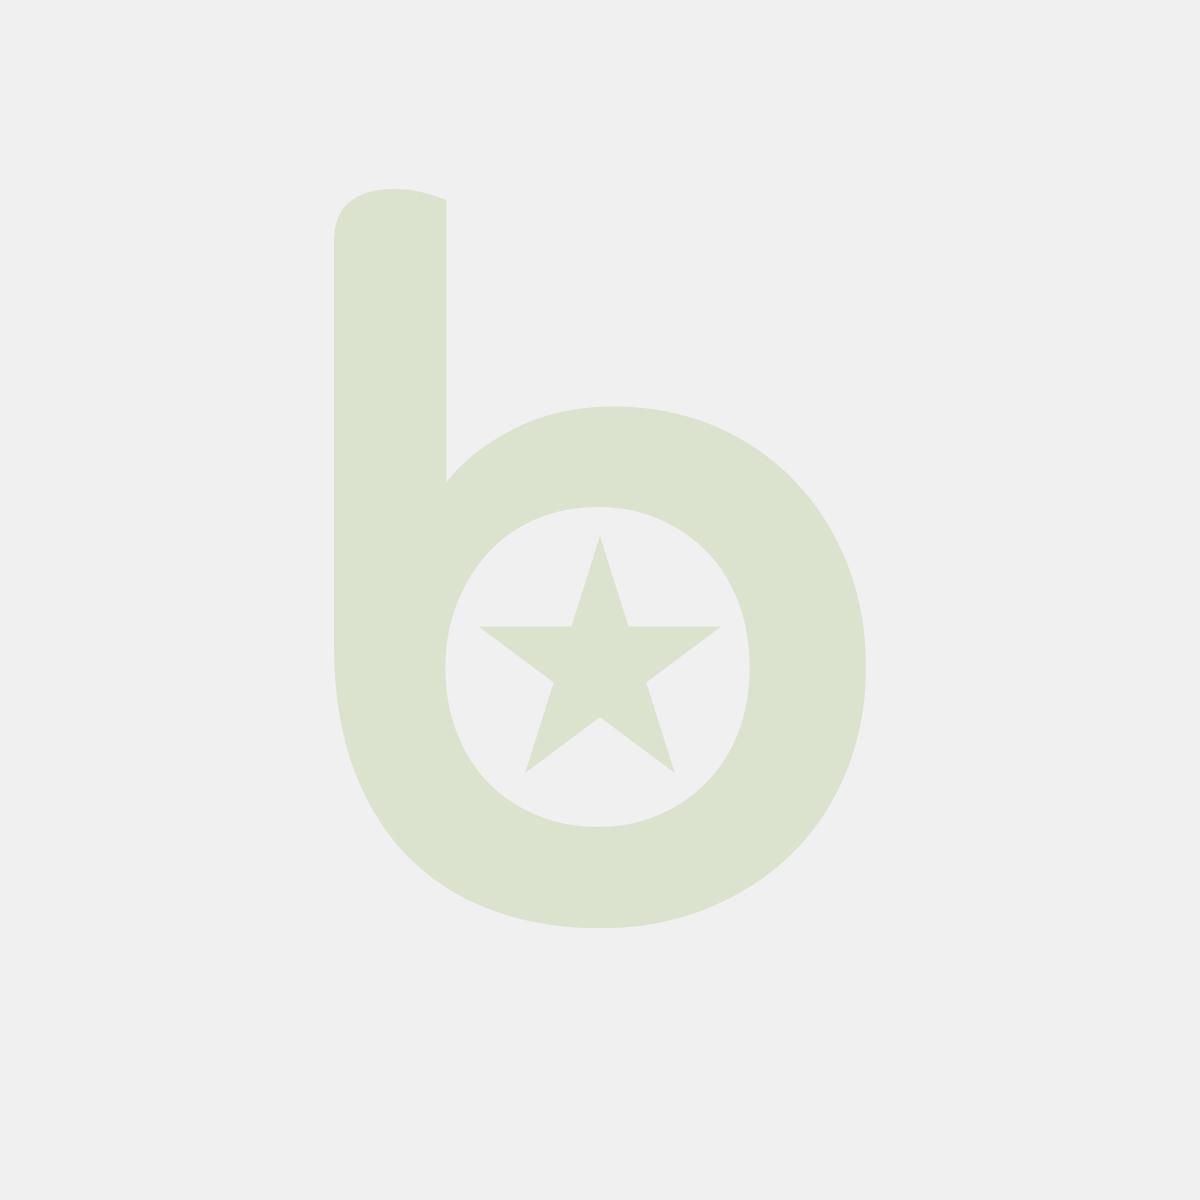 Kocioł Warzelny Z Grzaniem Pośrednim - Elektryczny, Linia 700